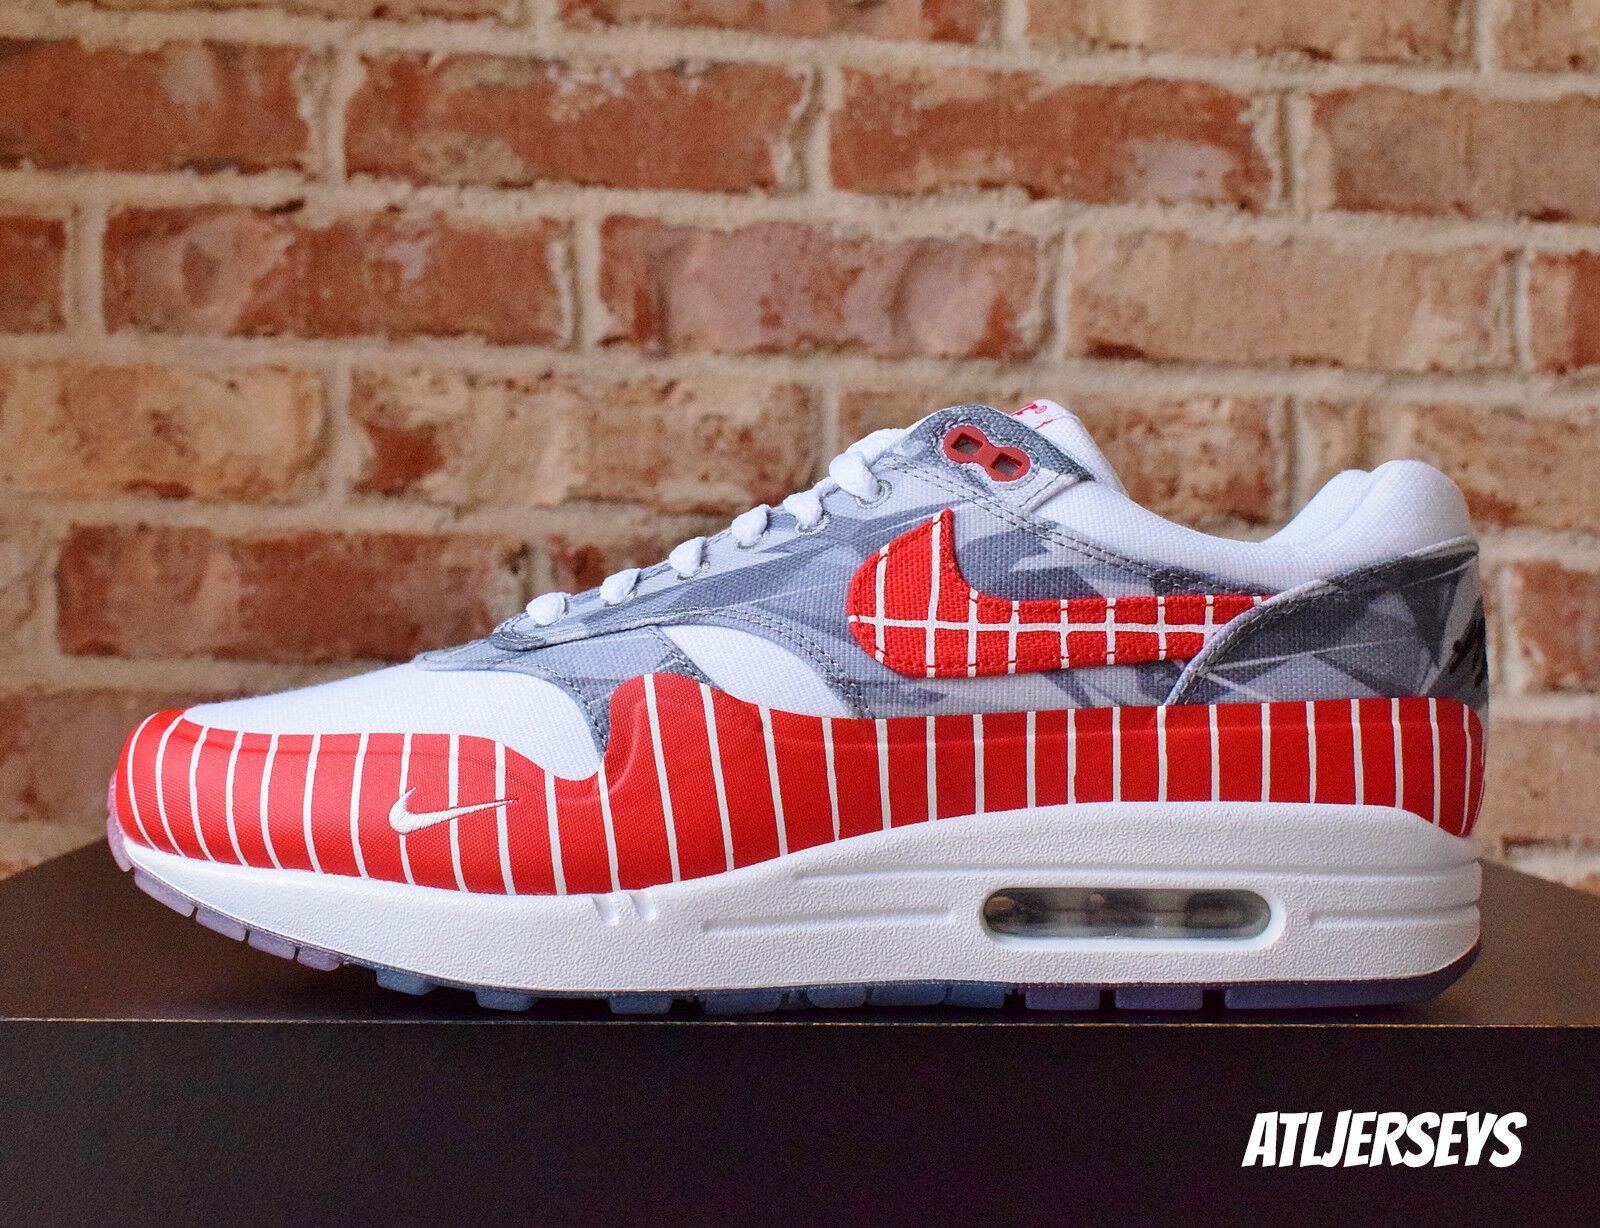 Nike Air Max 1 LHM Latino History Month Wasafu Red Los Primeros AH7740-100